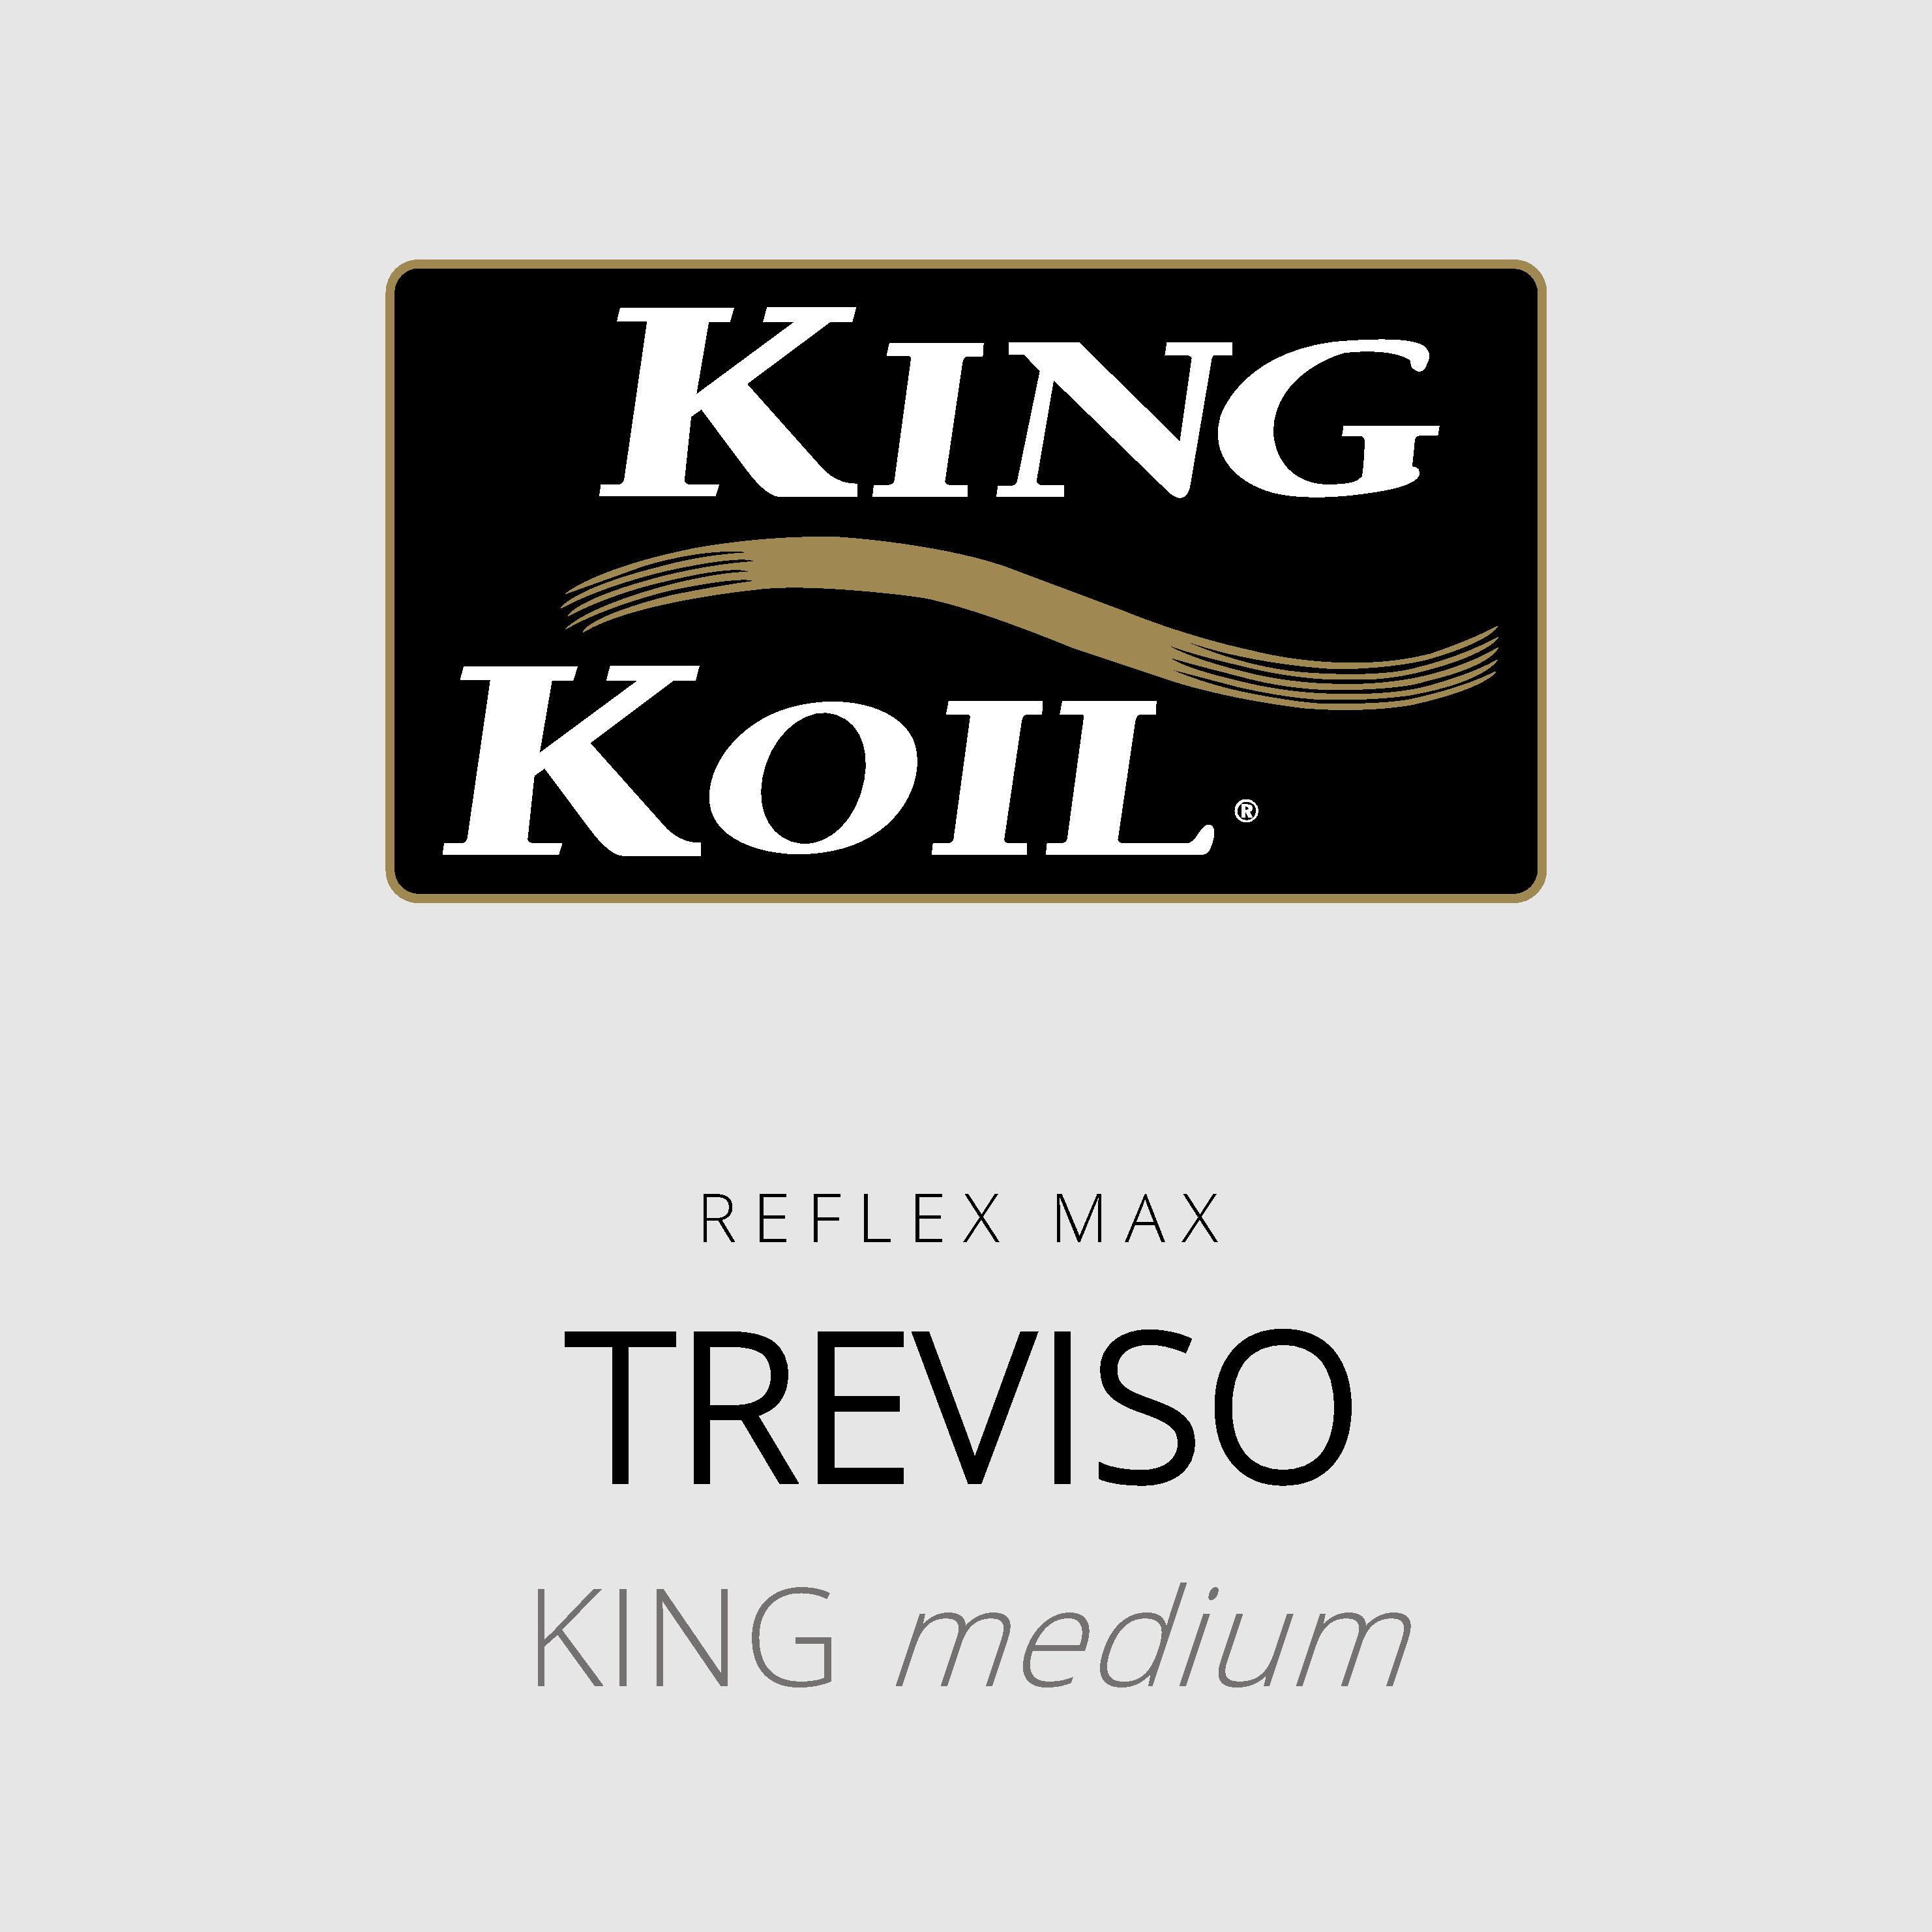 King Koil – Treviso – Reflex Max – King Medium Mattress